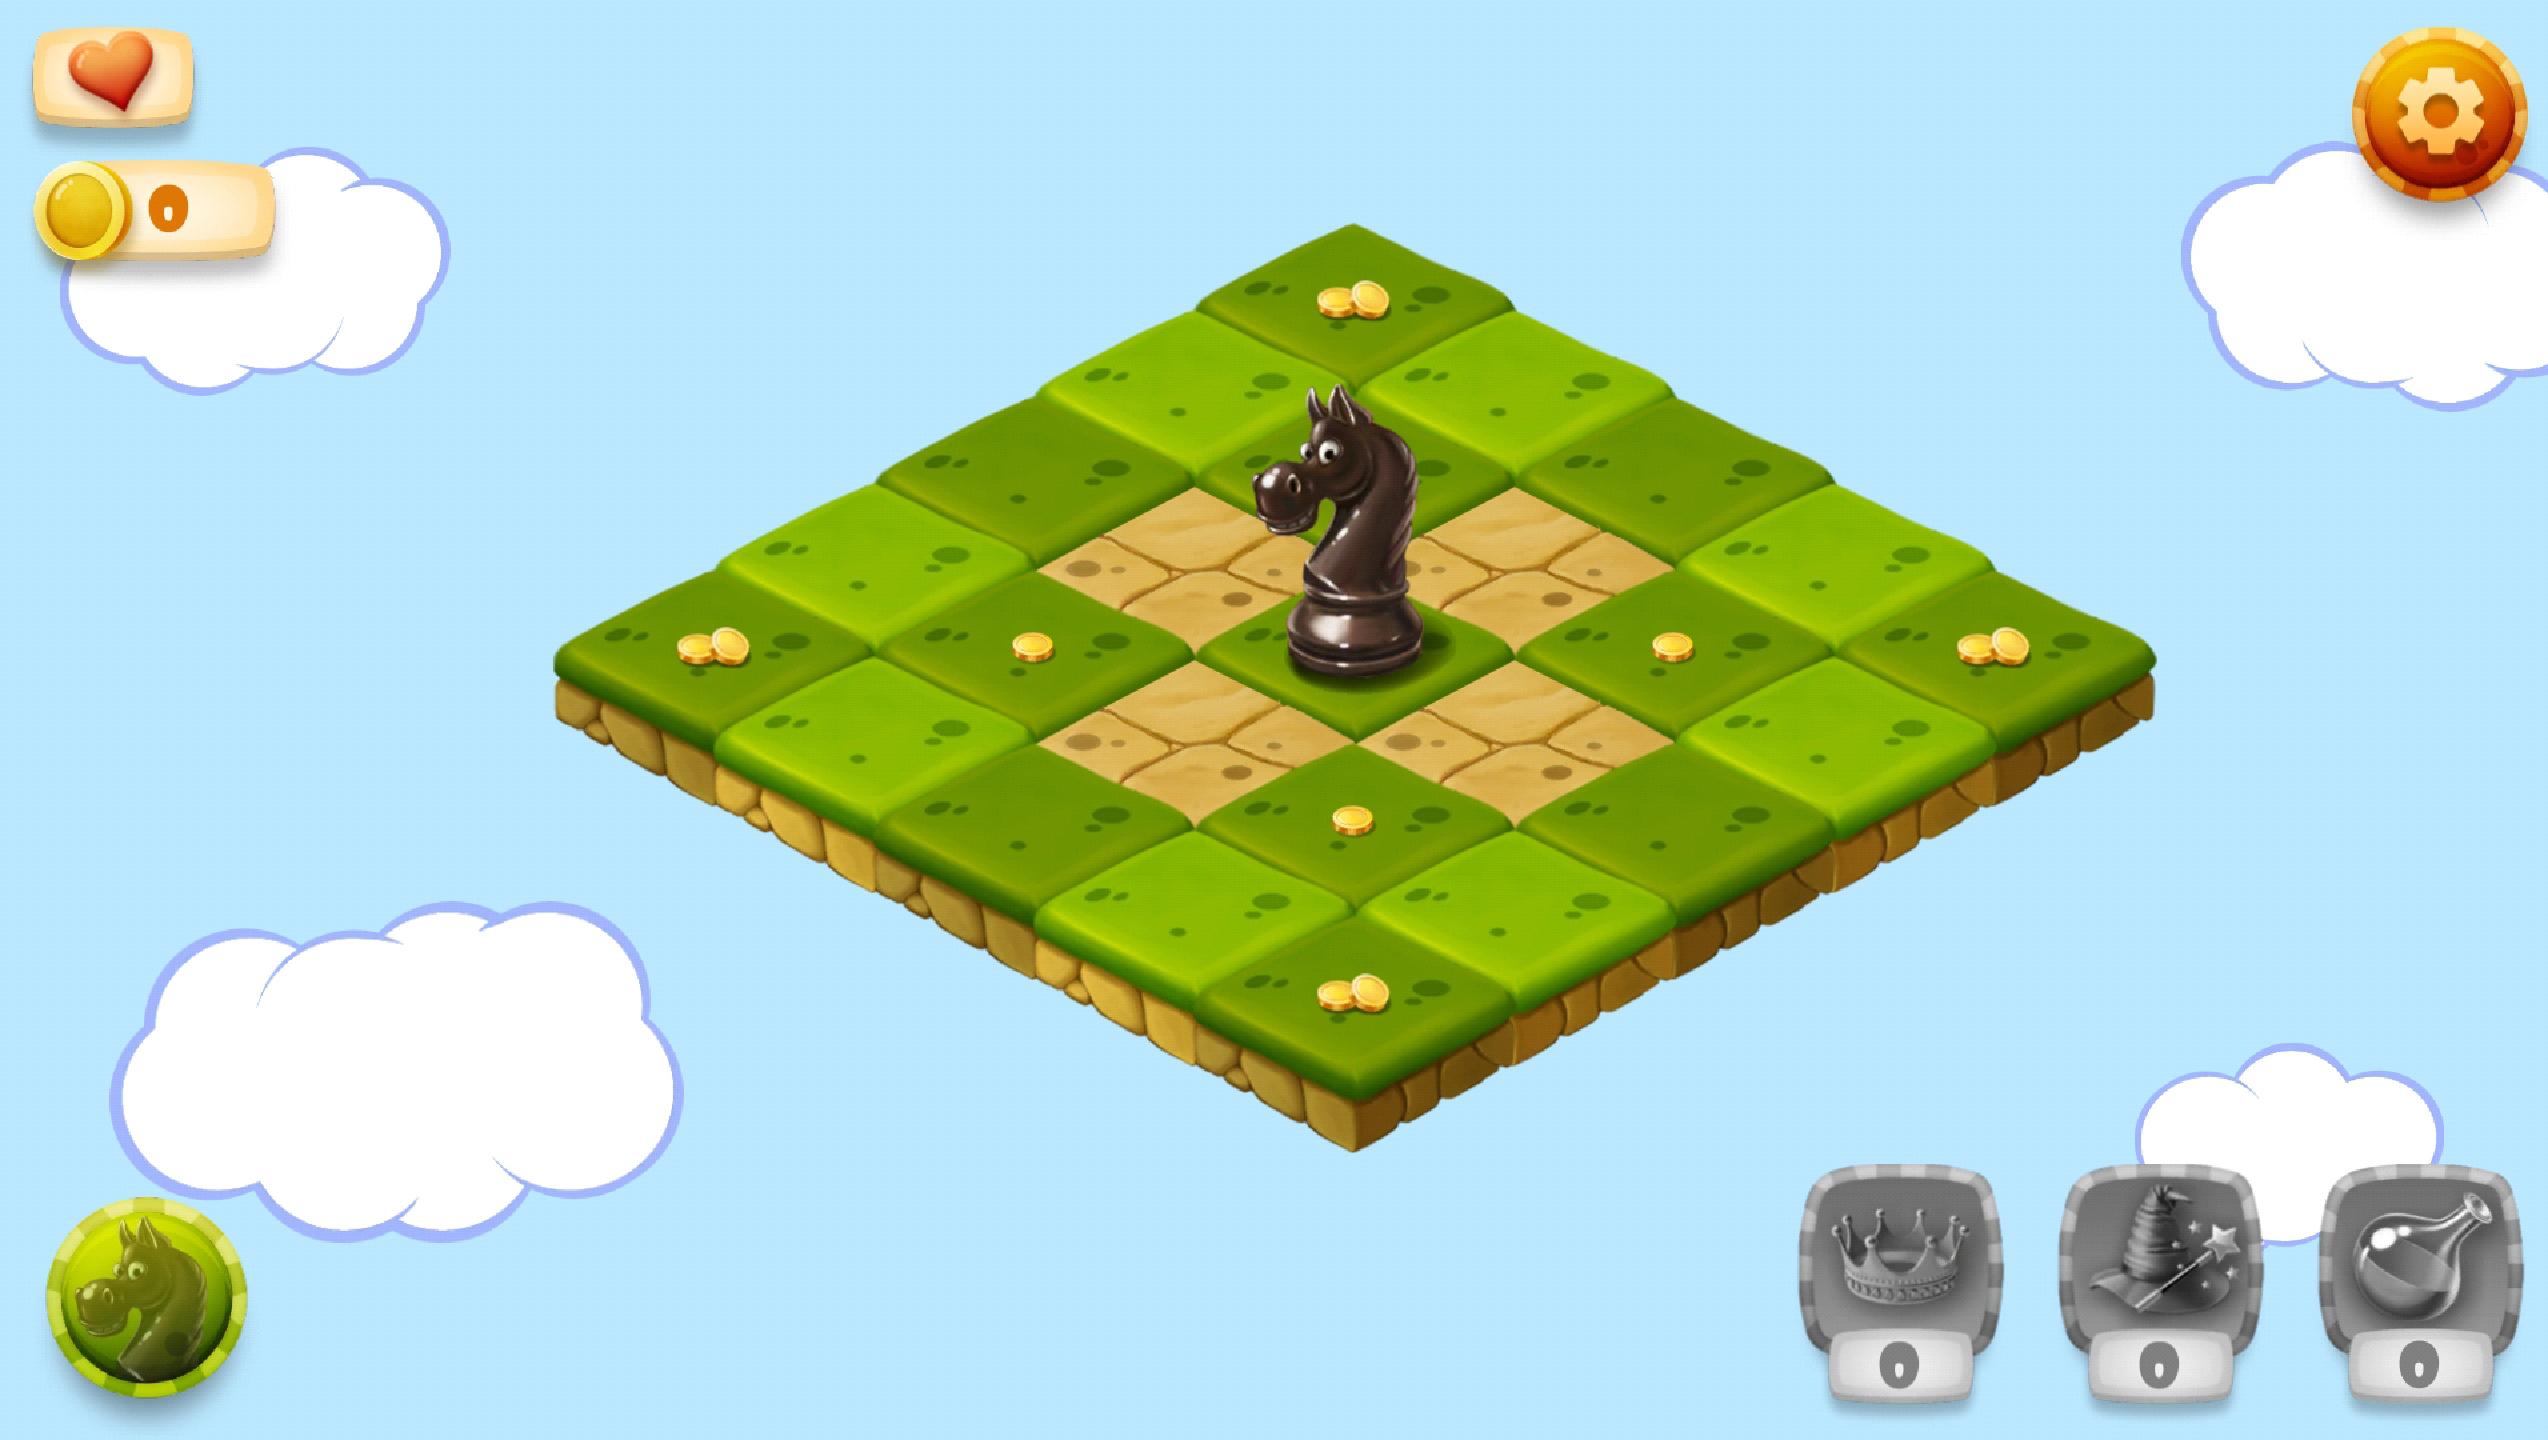 Przykładowy poziom gry (screenshot)